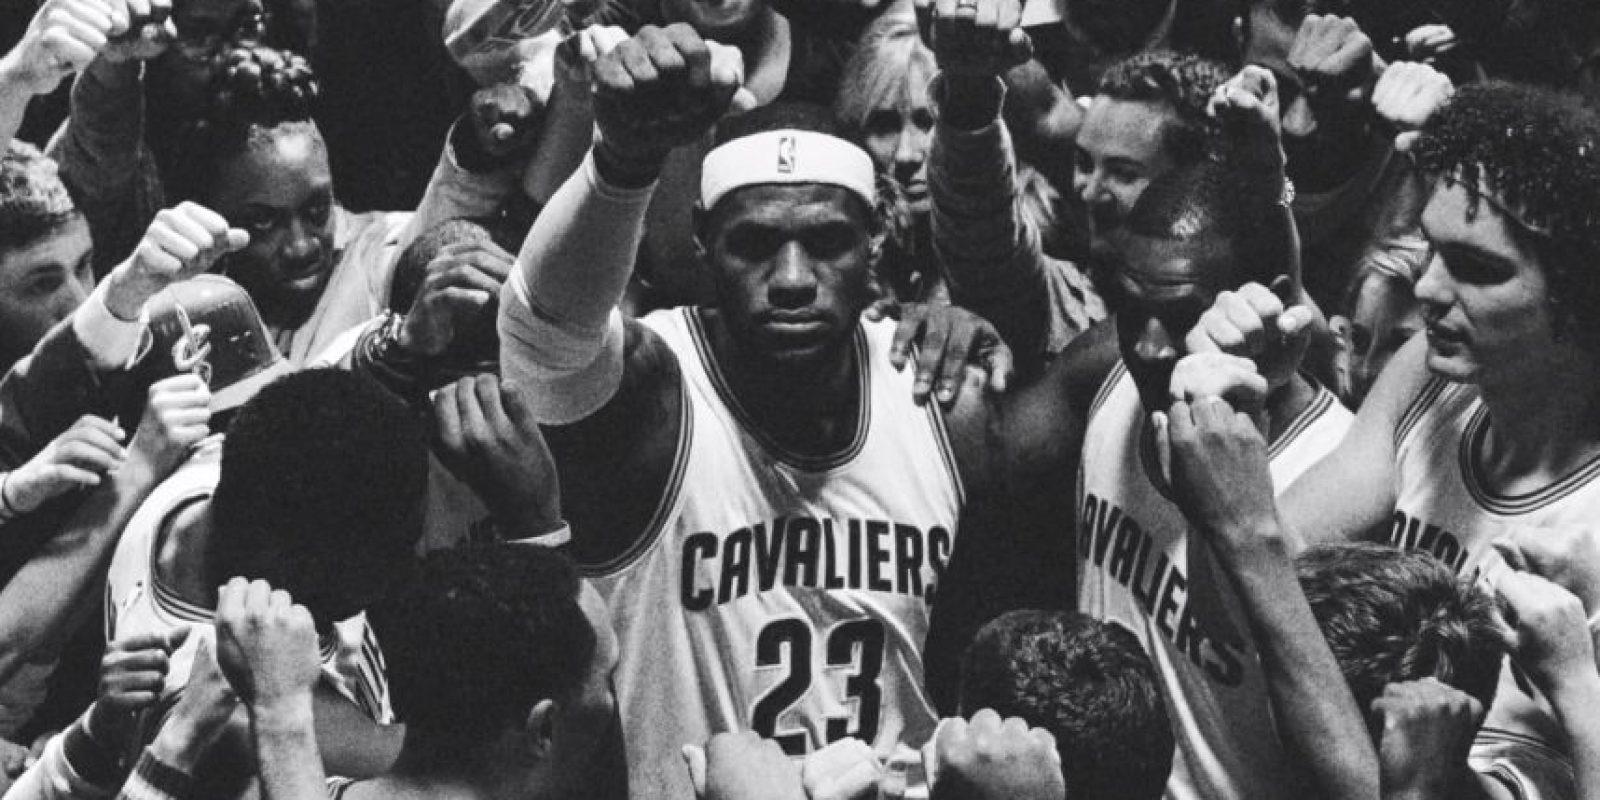 Y con la mano arriba se unen en un grito uniforme Foto:Youtube: Nike Basketball